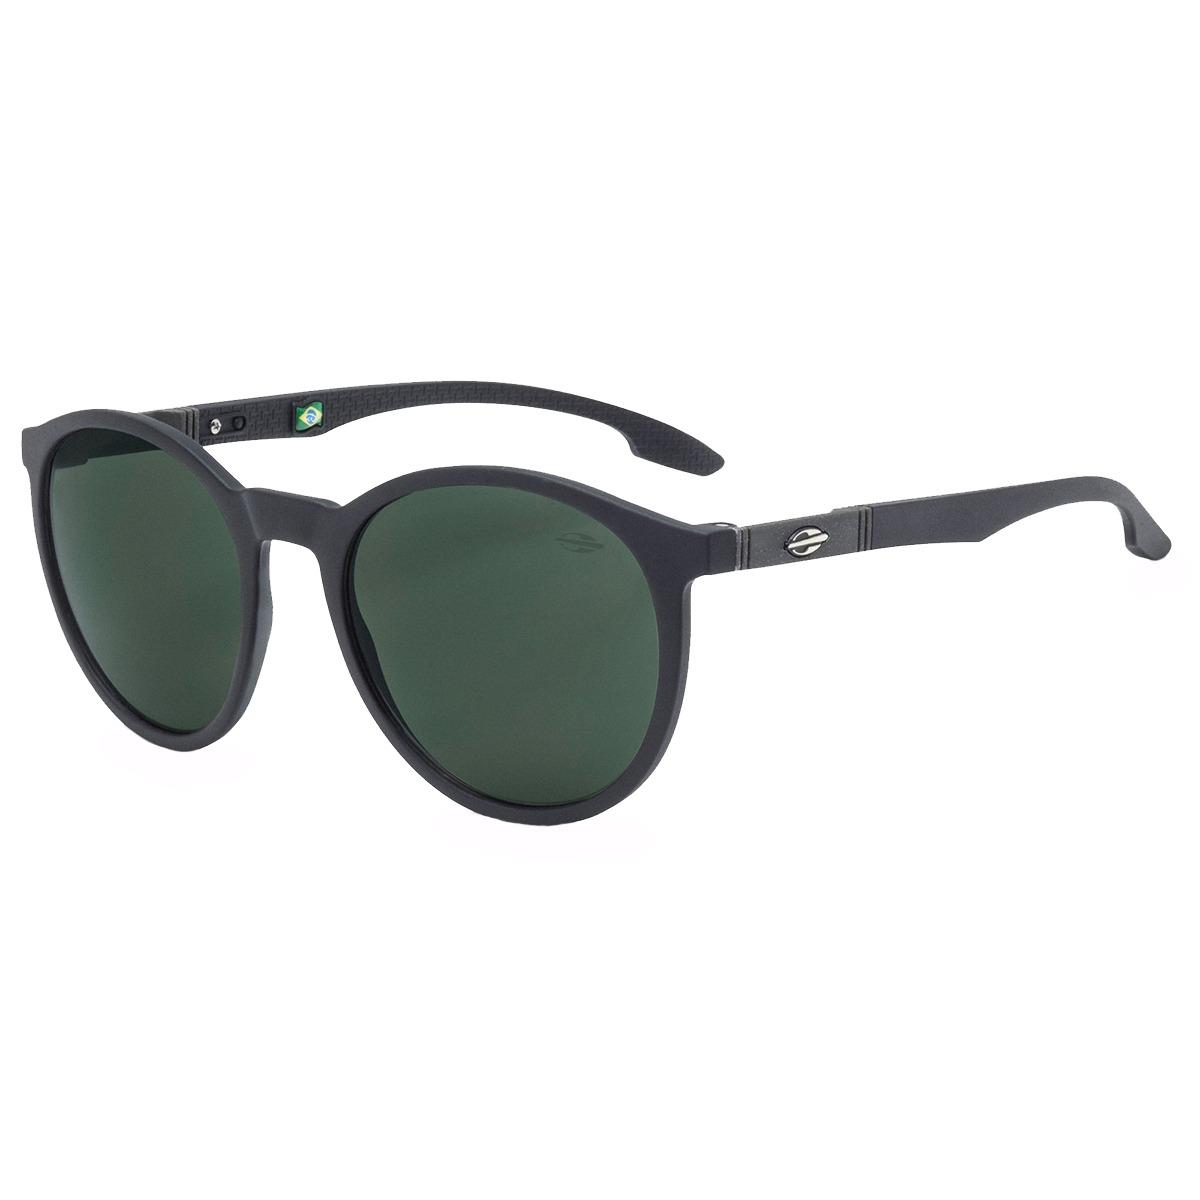 Oculos Sol Mormaii Maui Original Proteção Uv Preto Fosco - R  229,00 em  Mercado Livre 92933e58de